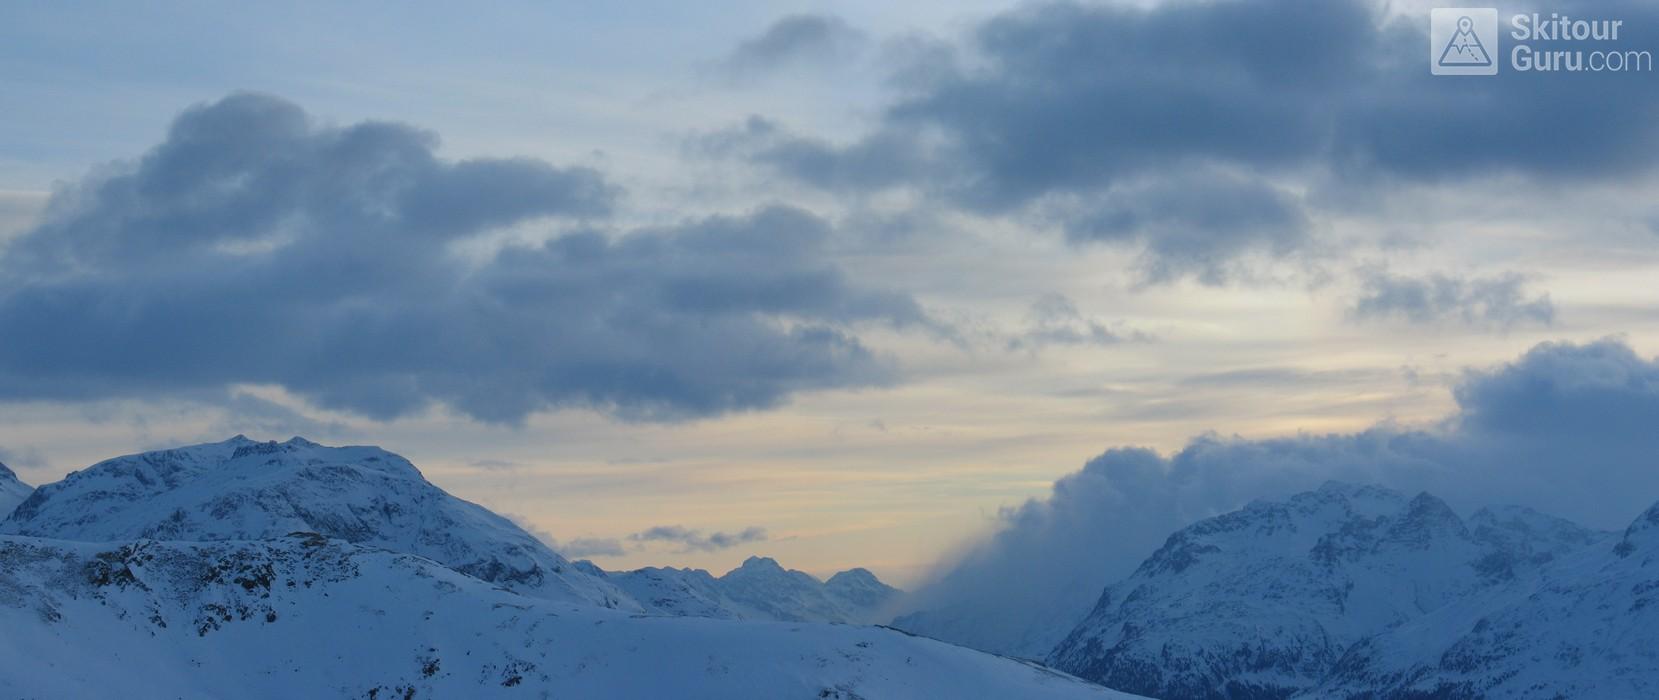 Muottas Muragl - Romantik Hotel Albula Alpen Schweiz panorama 12